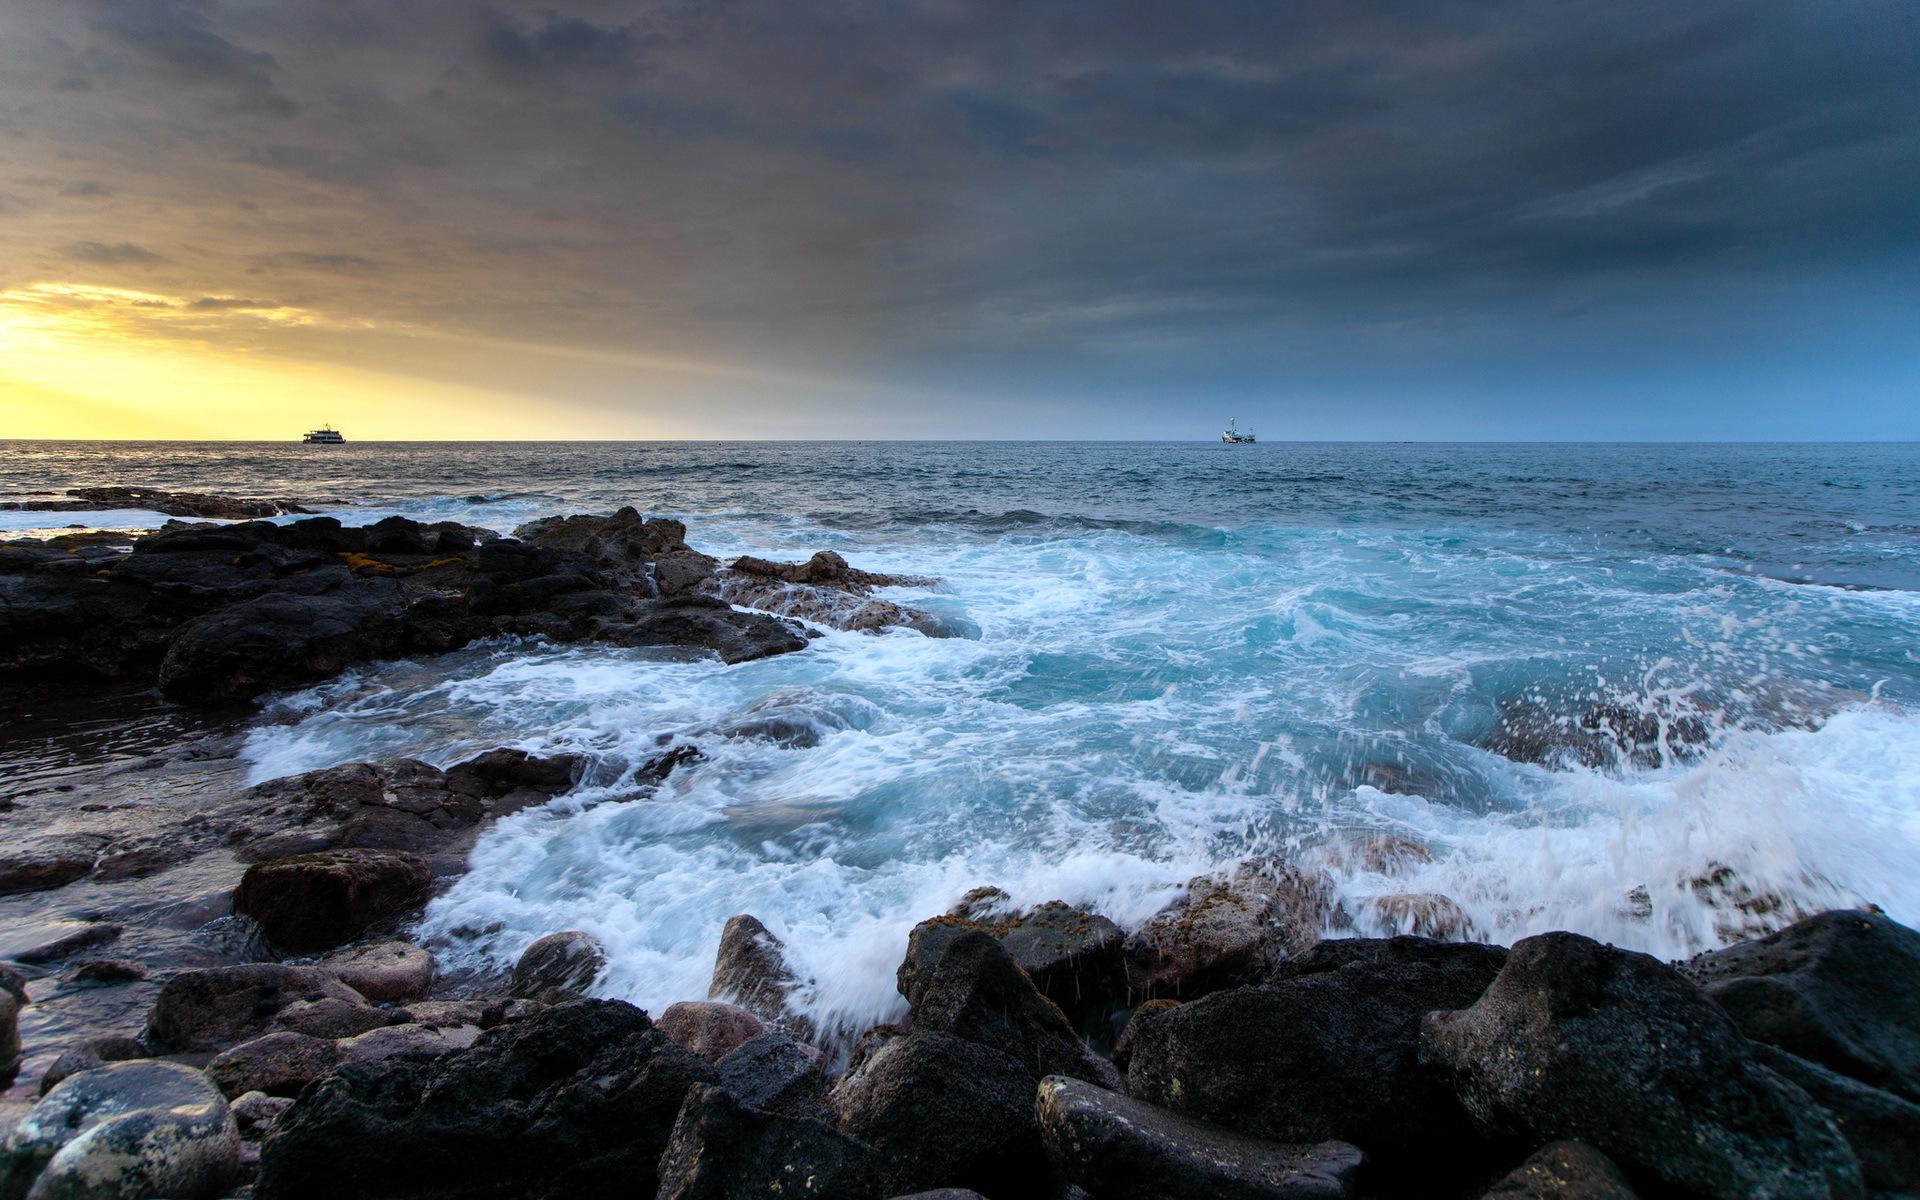 Coast waves surge